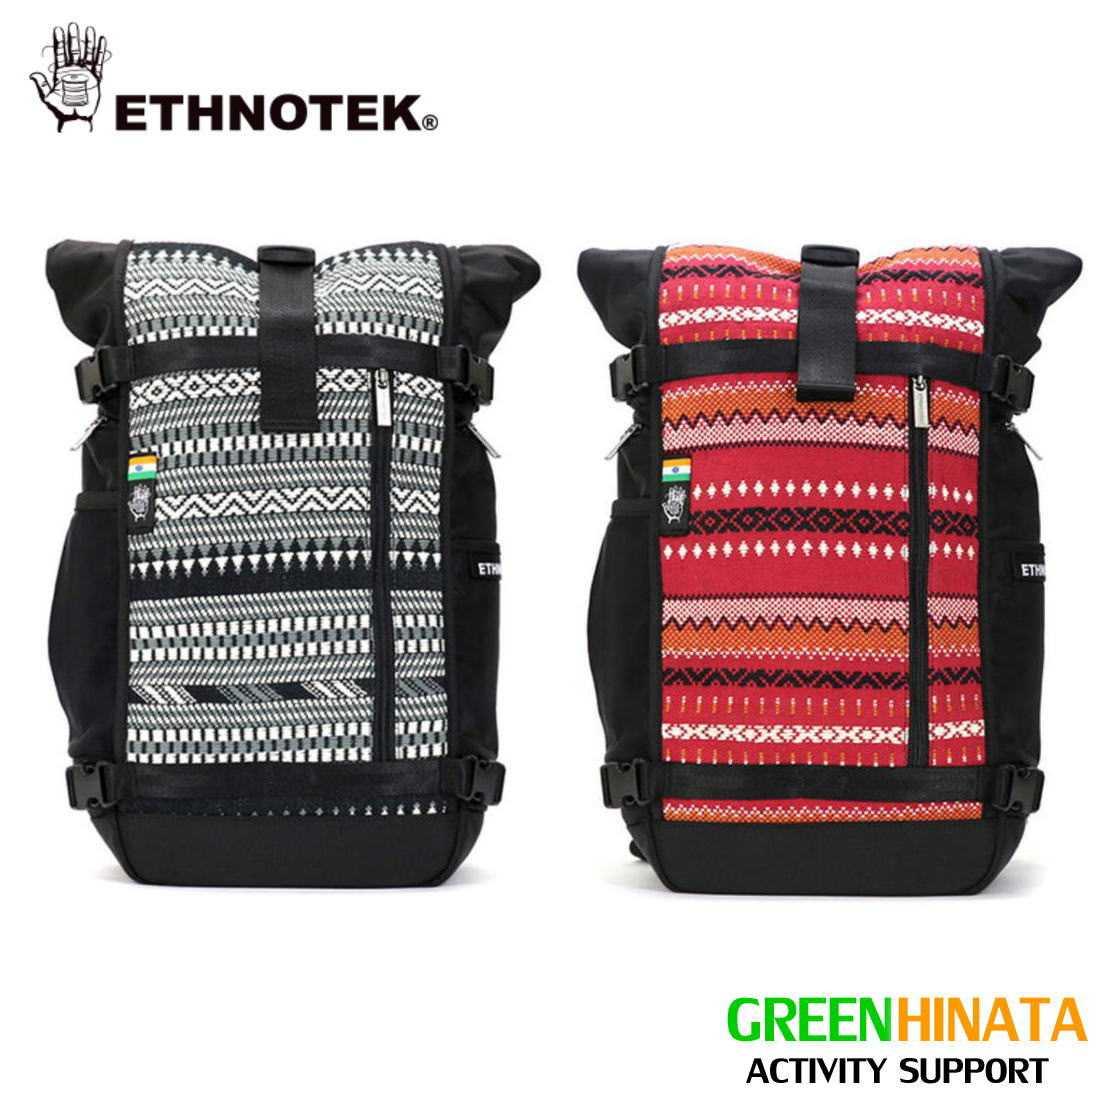 【国内正規品】 エスノテック ラージャパック30 バック ETHNOTEK Raja Pack 30